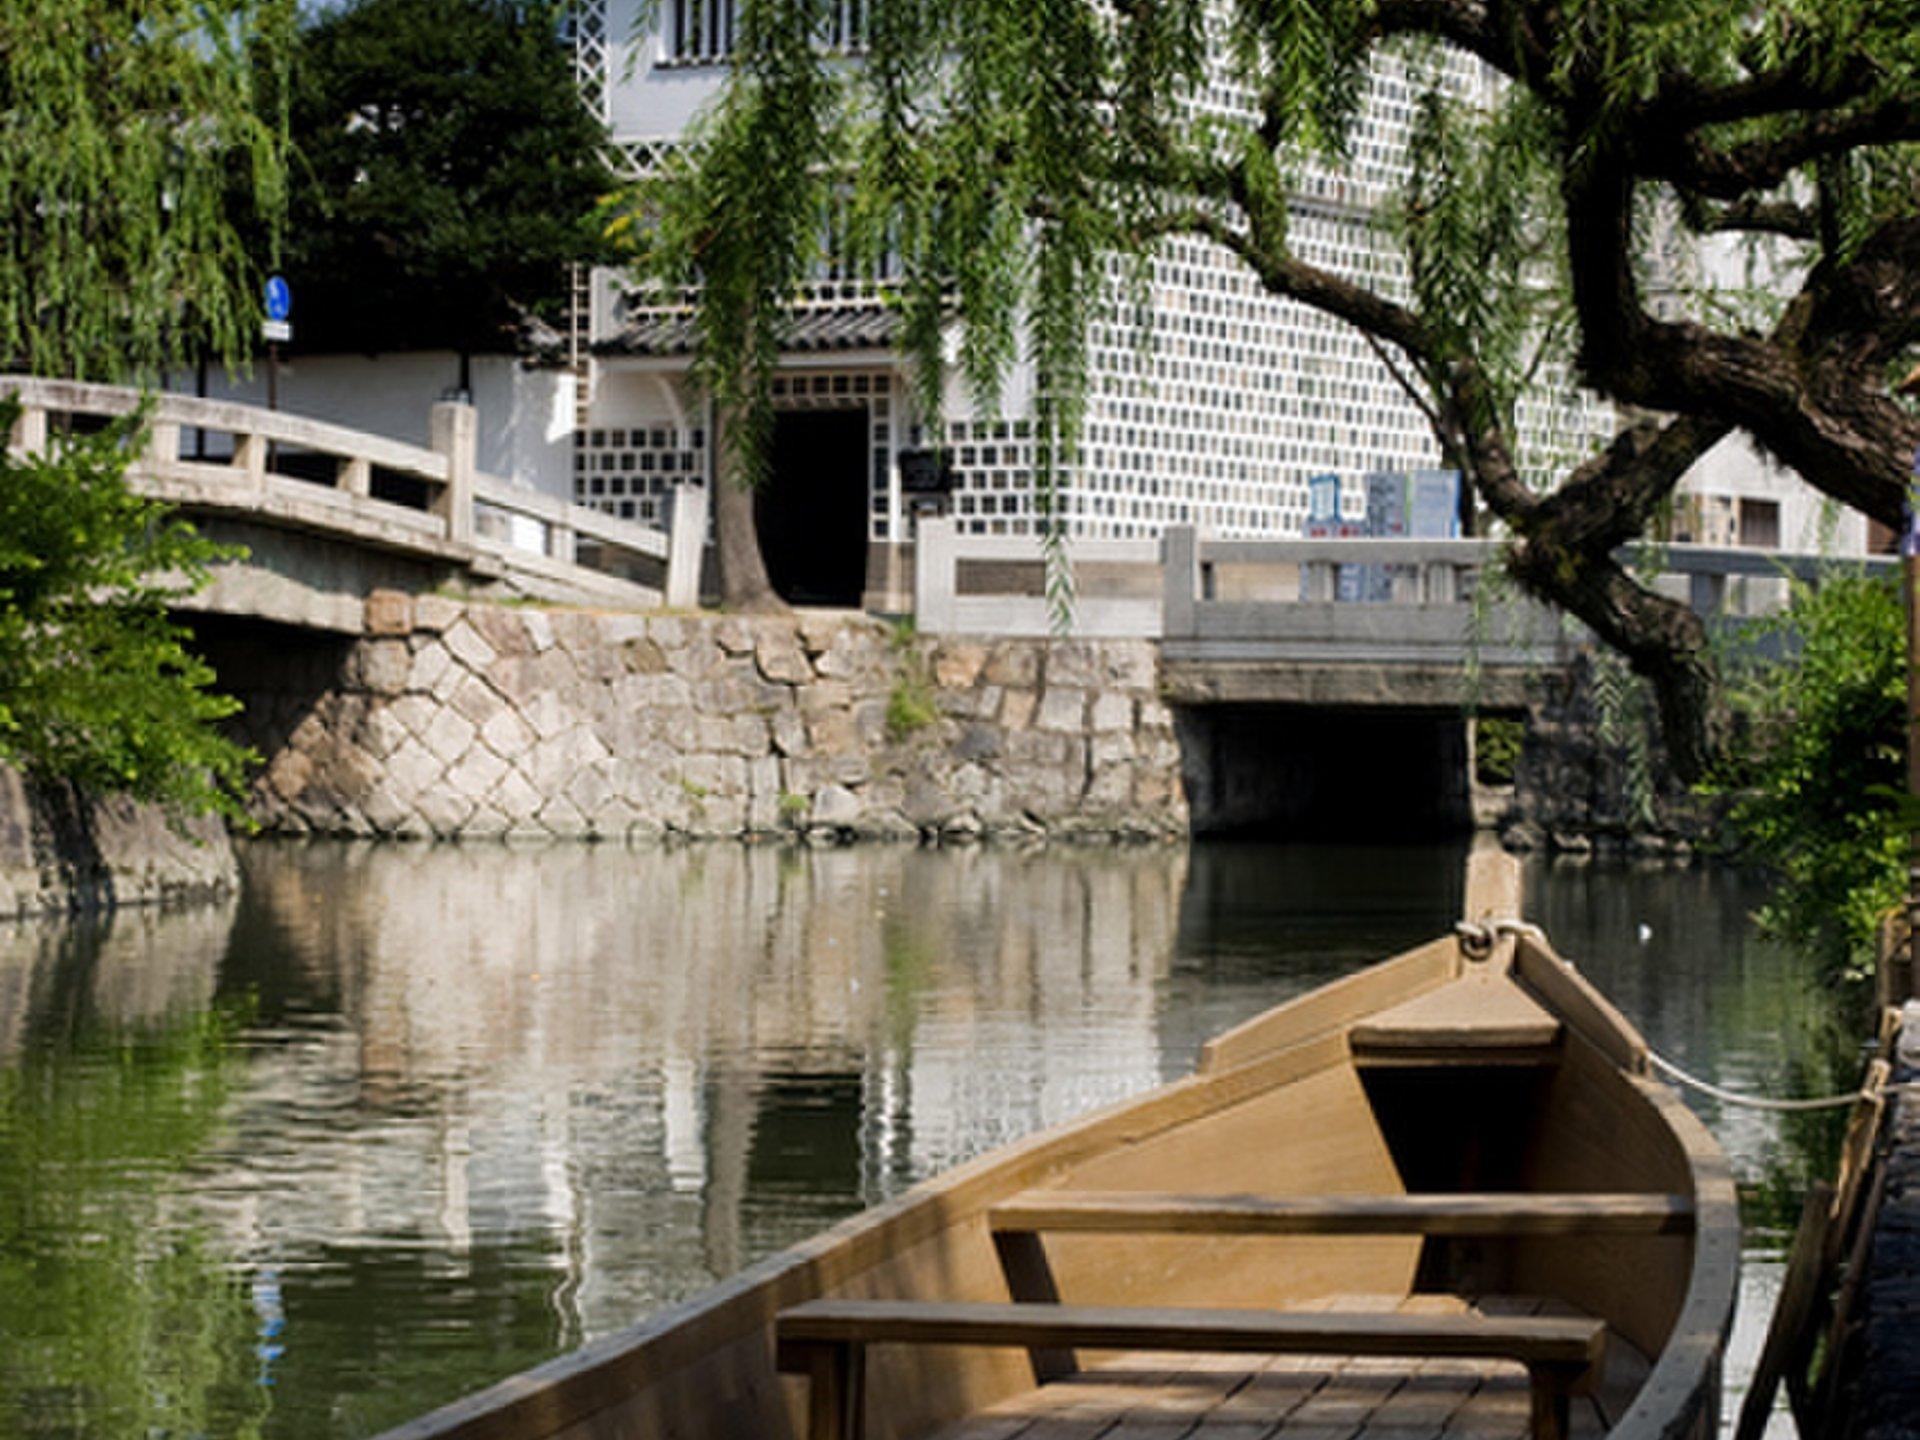 倉敷 坂本龍馬ゆかりの宿に泊まり、趣ある町並みを舟流しで楽しむ!【みやけ亭、吉井旅館、大原美術館】